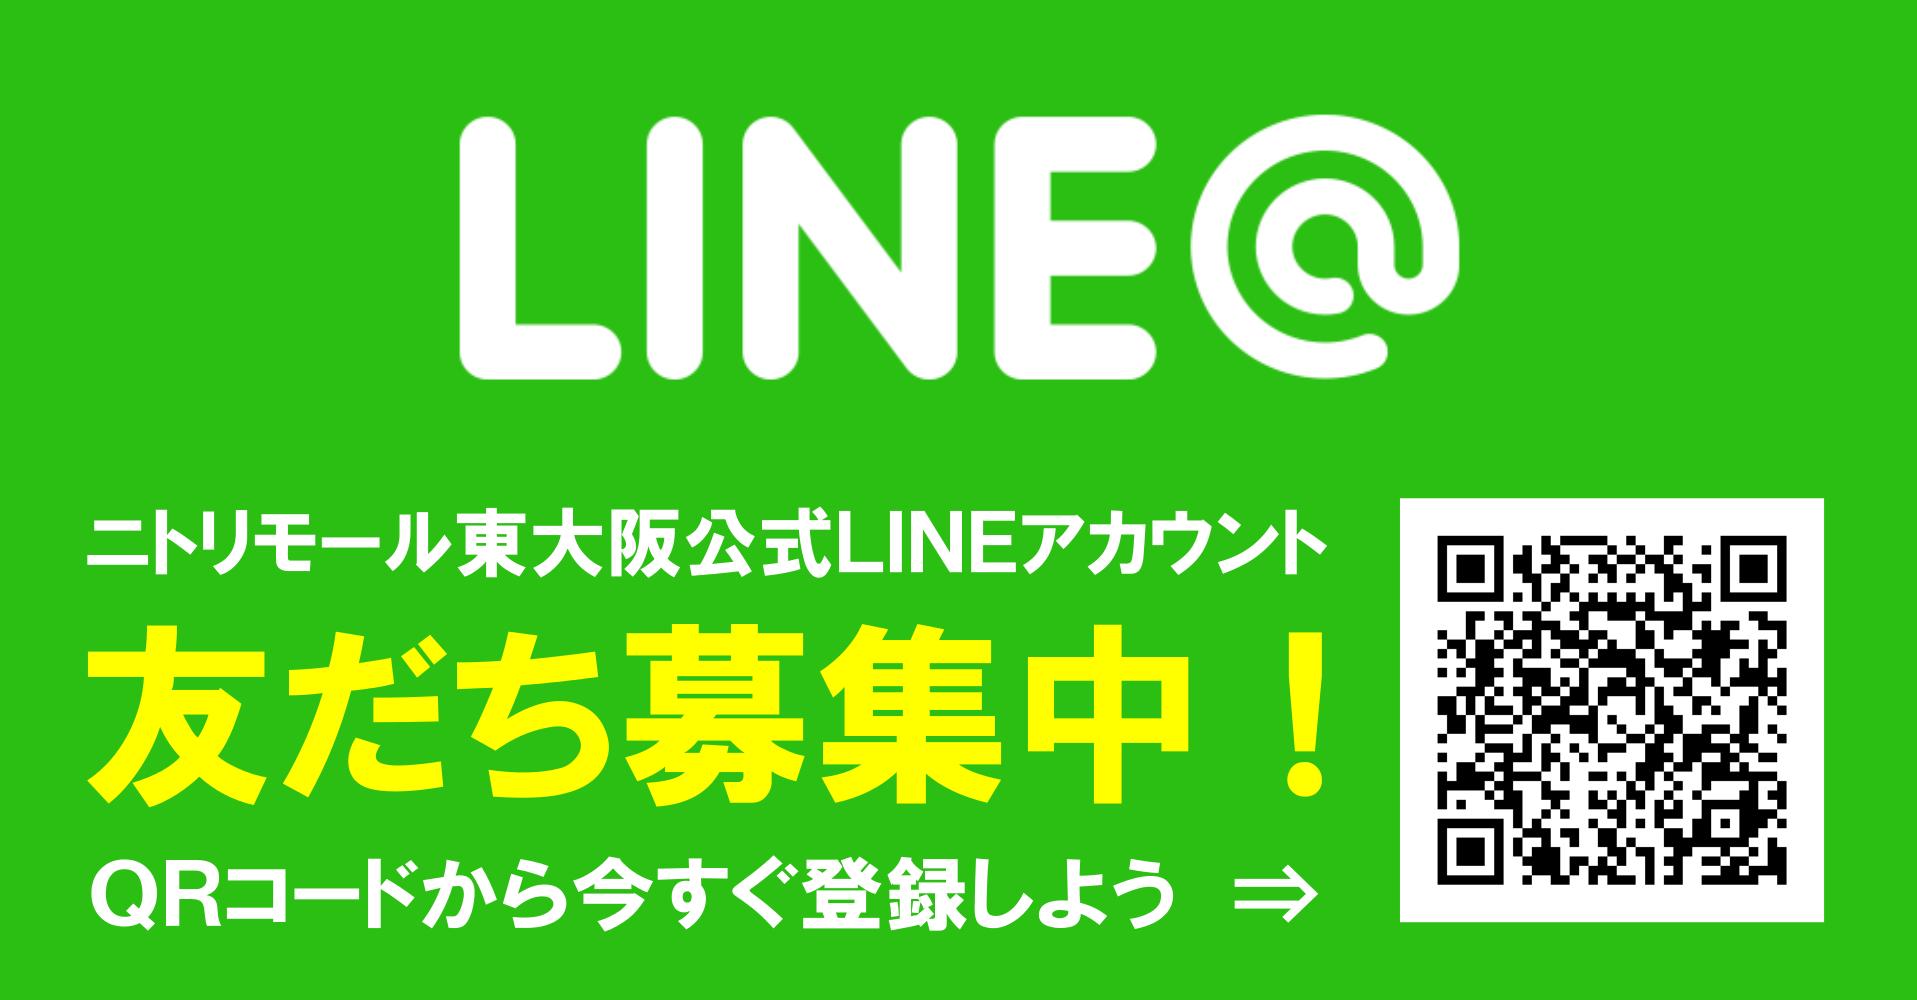 東大阪LINE募集